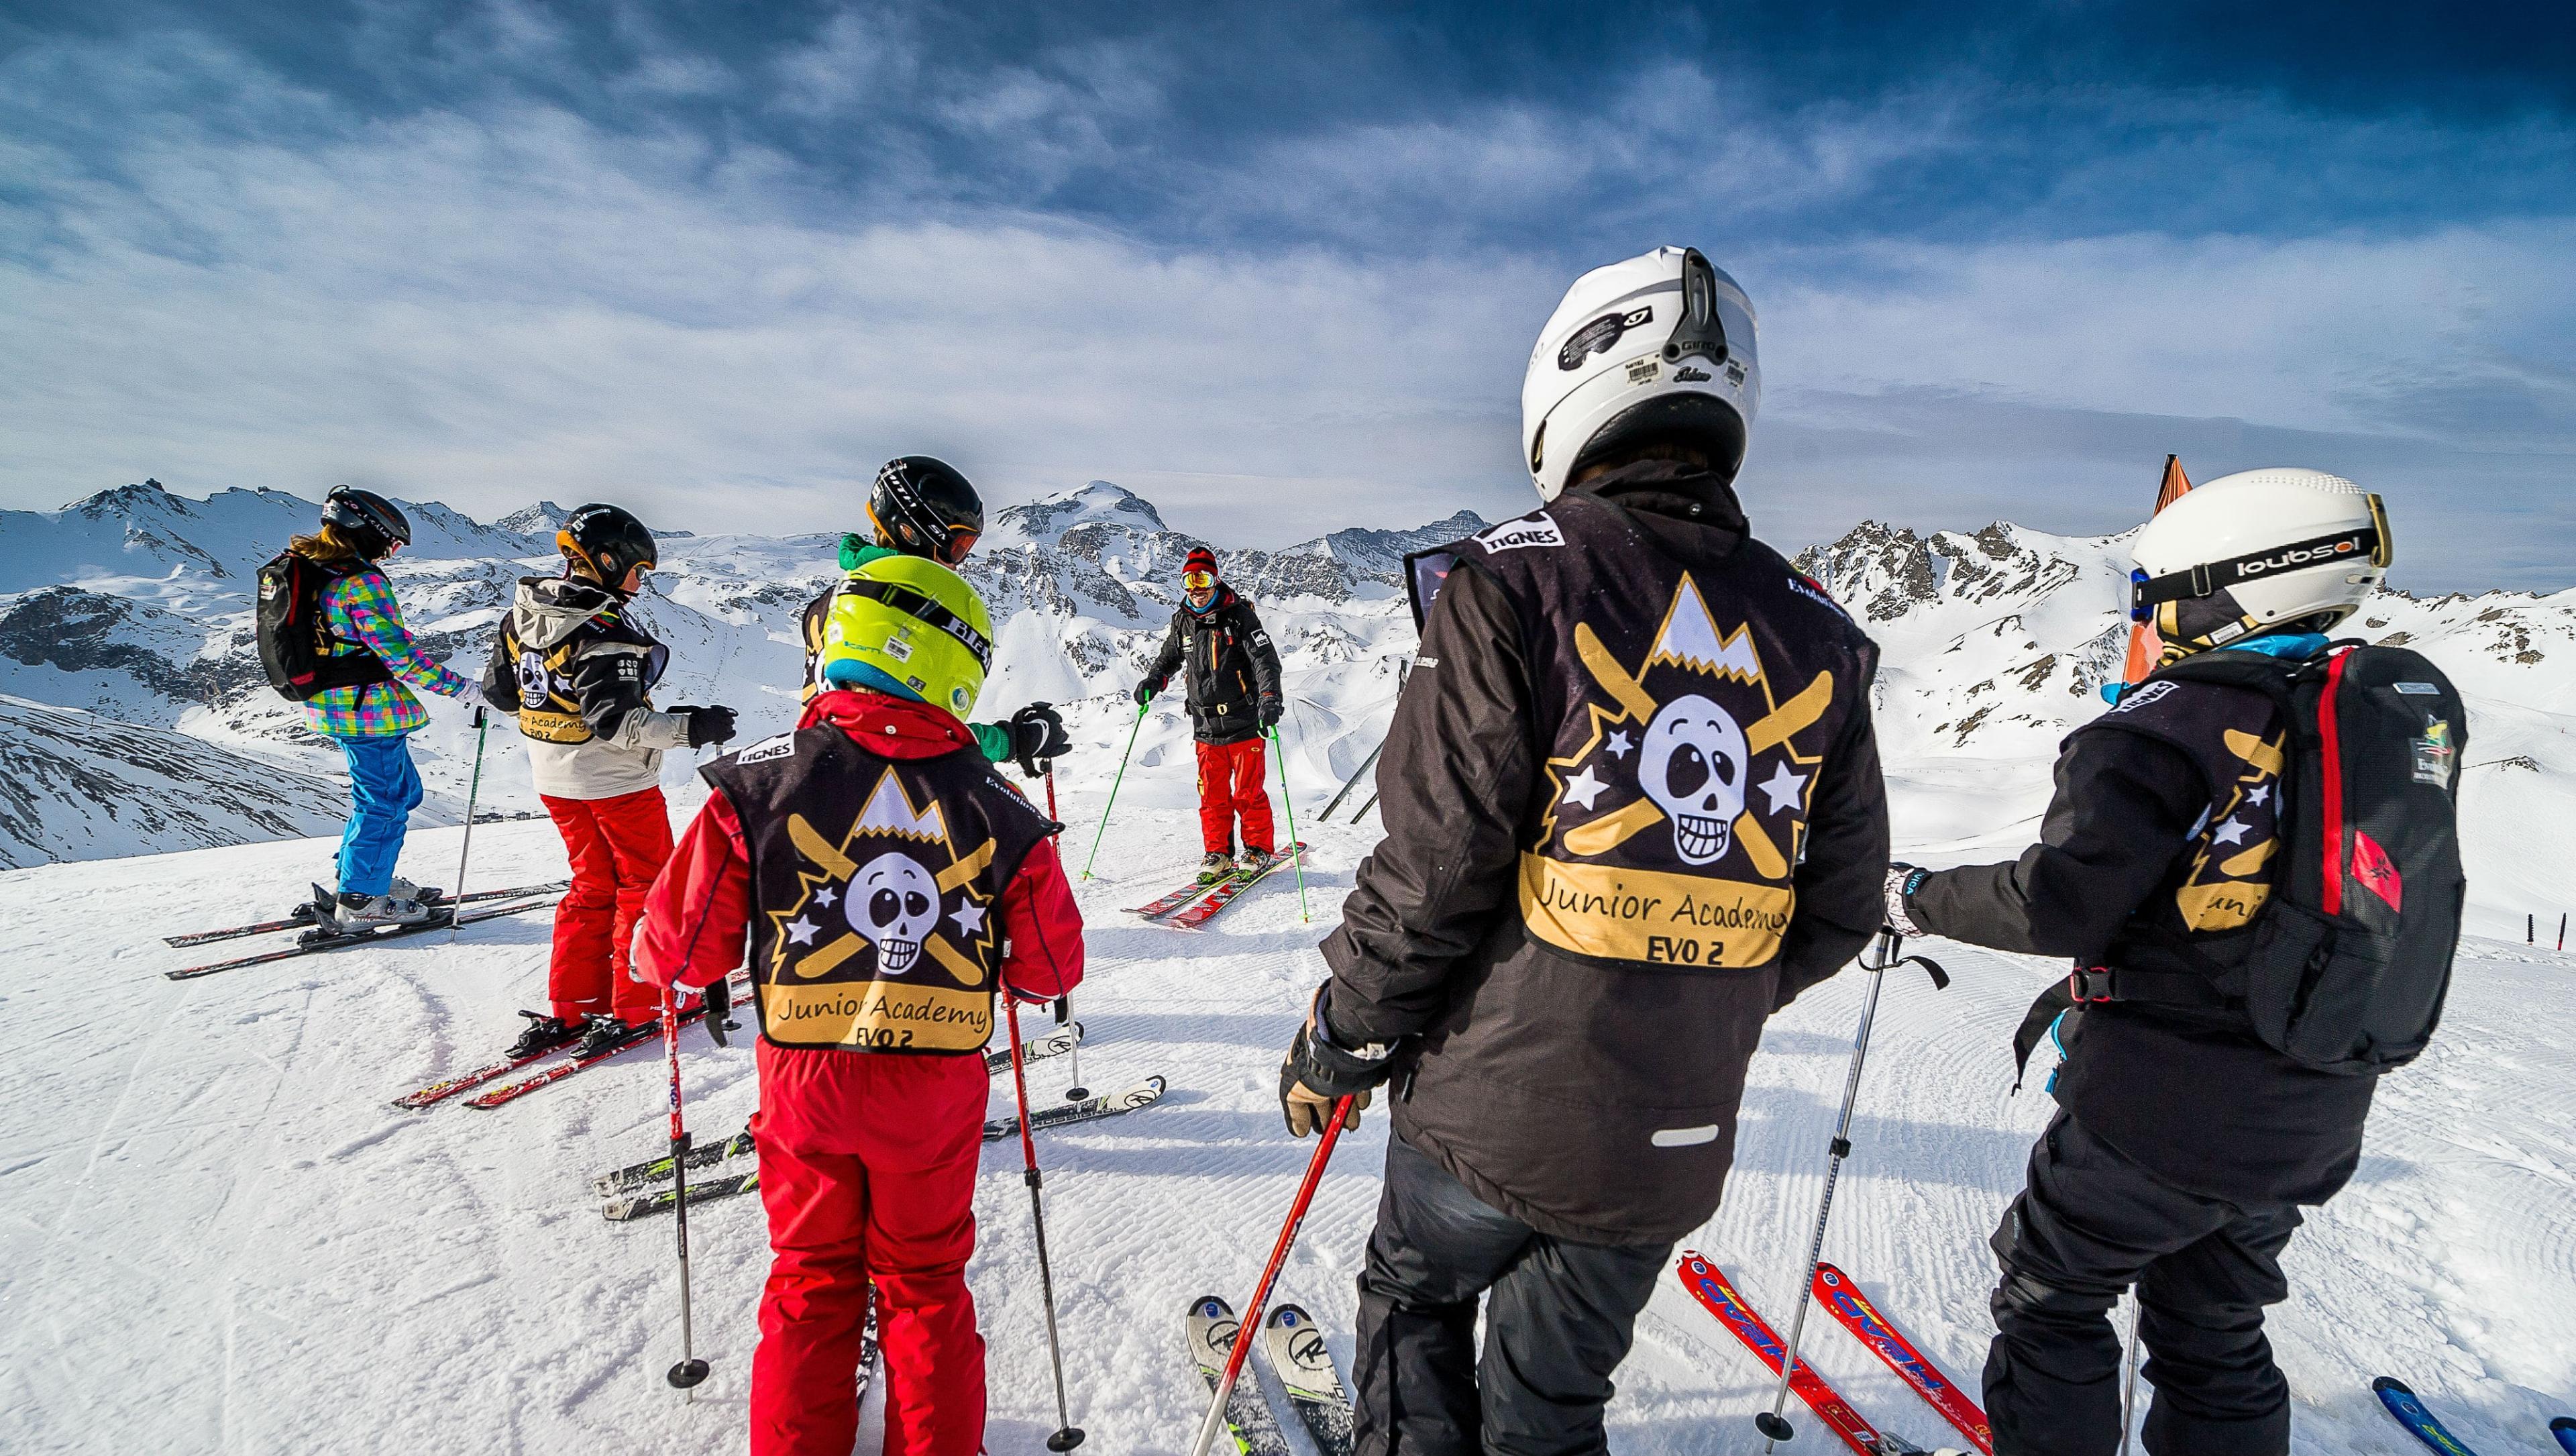 Cours de ski pour Ados (13-17 ans) - Haute saison